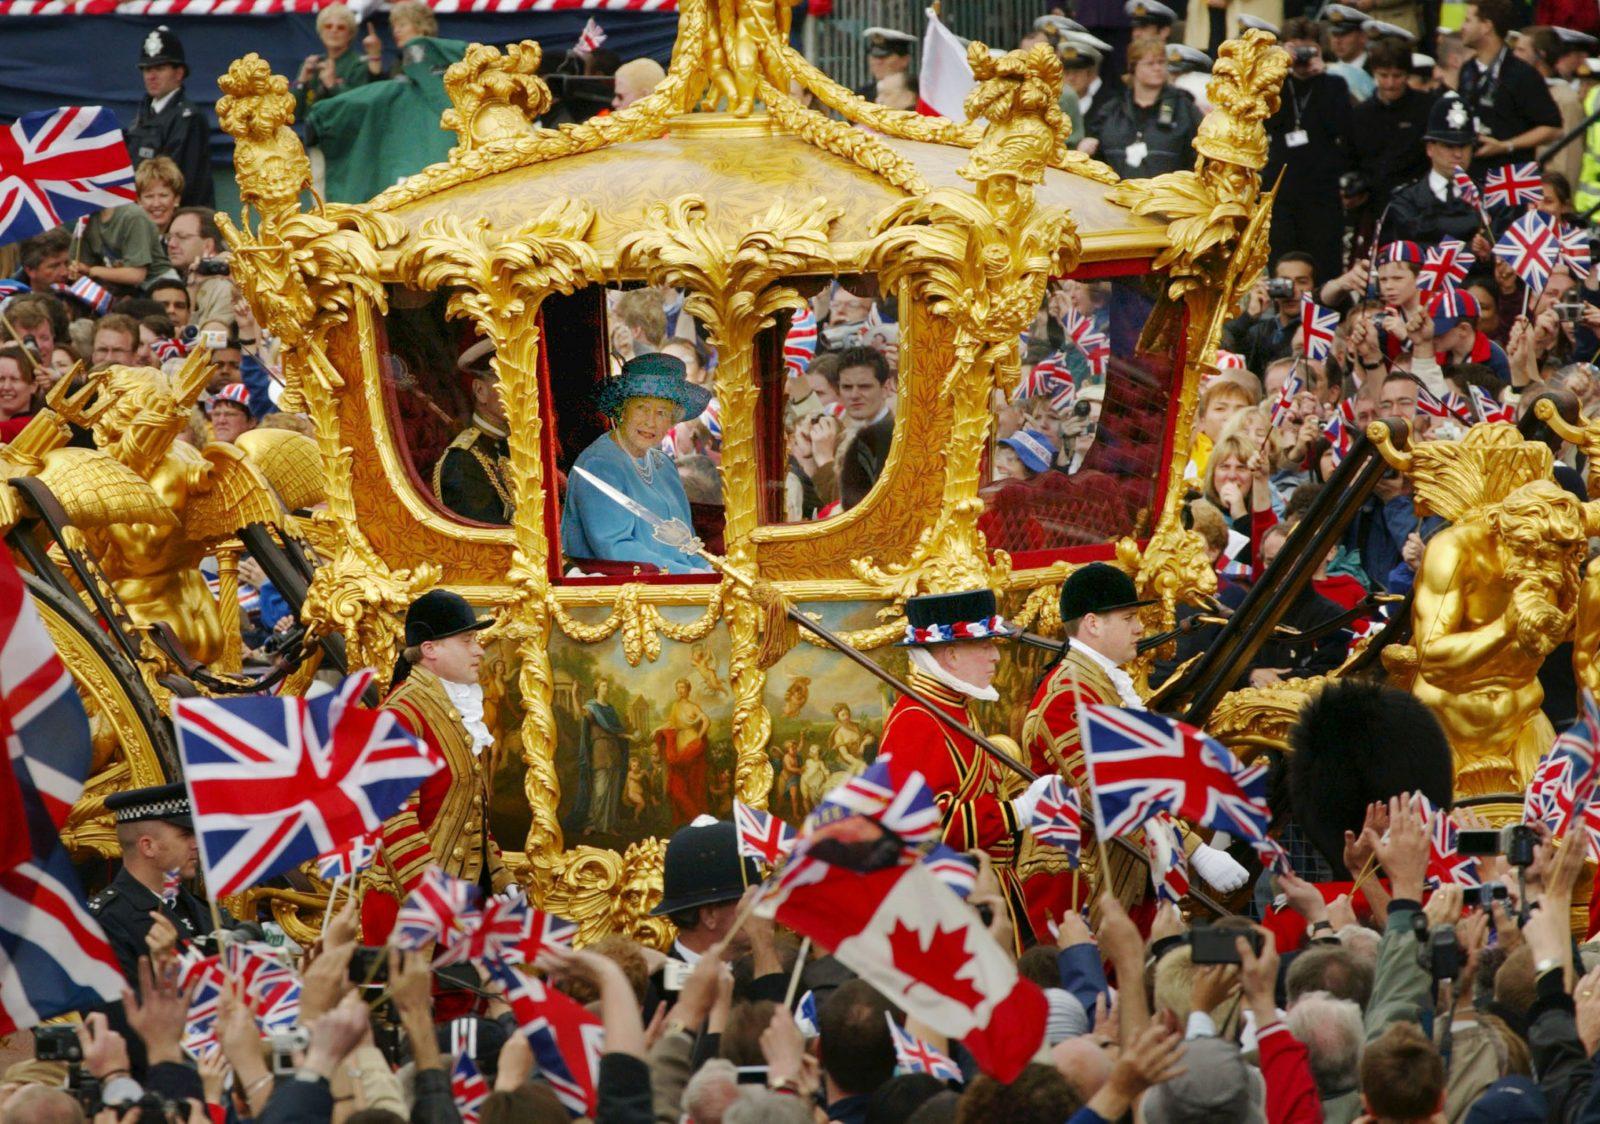 El concurso de Queen's Platinum Jubilee será más grande y atrevido que el de Victoria en 1897